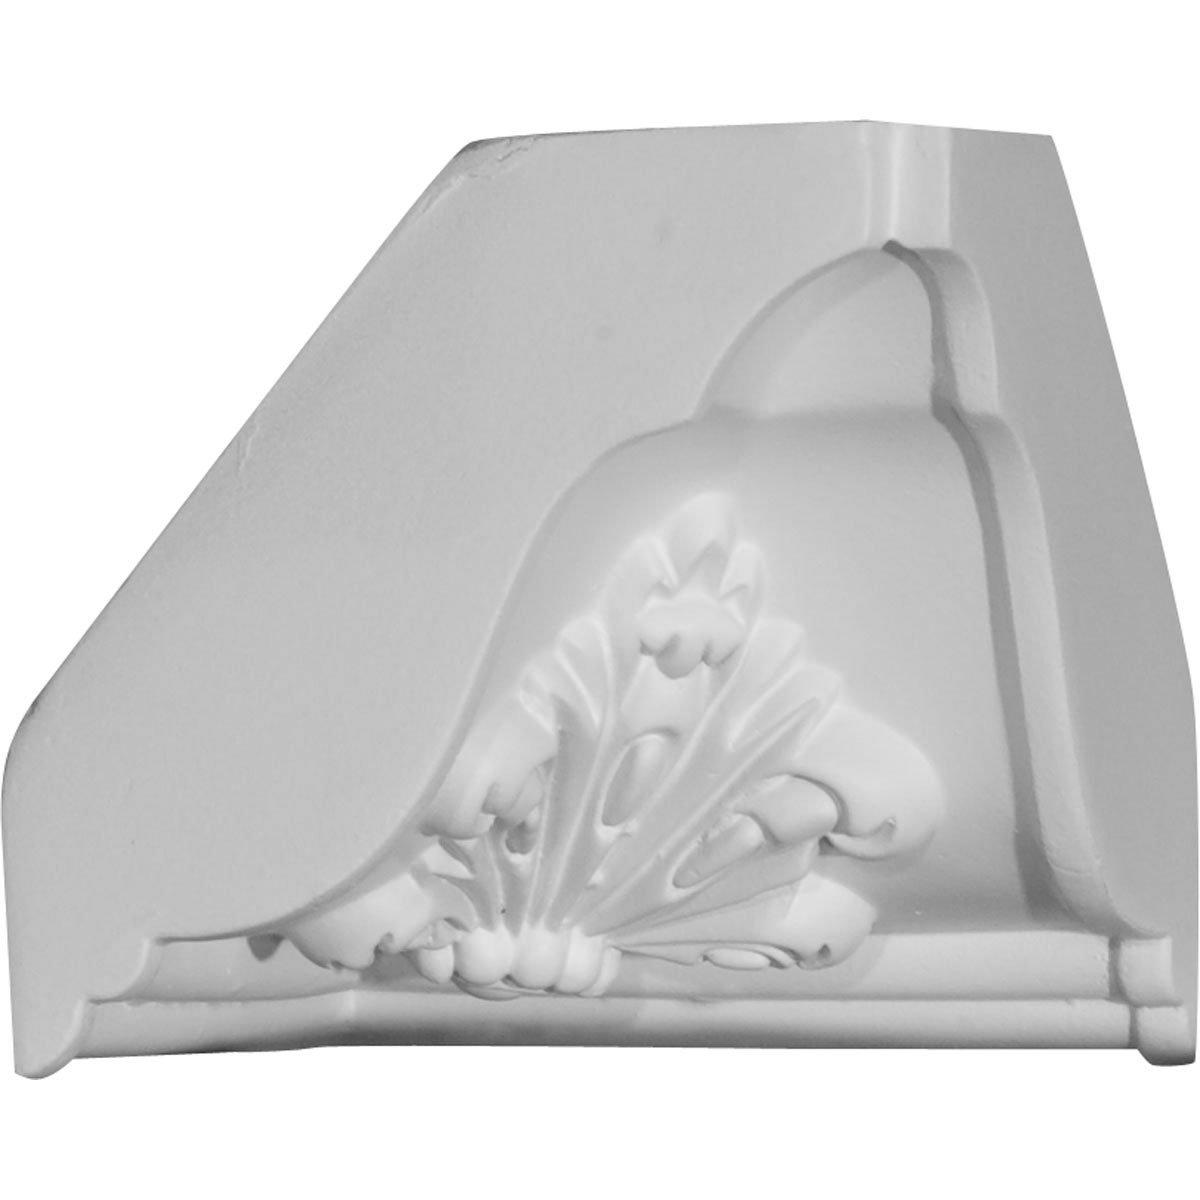 Ekena Millwork MIC04X04-CASE-4 4-5/8'' P x 4-3/4'' H Inside Corner for Molding Profiles (4-Pack)